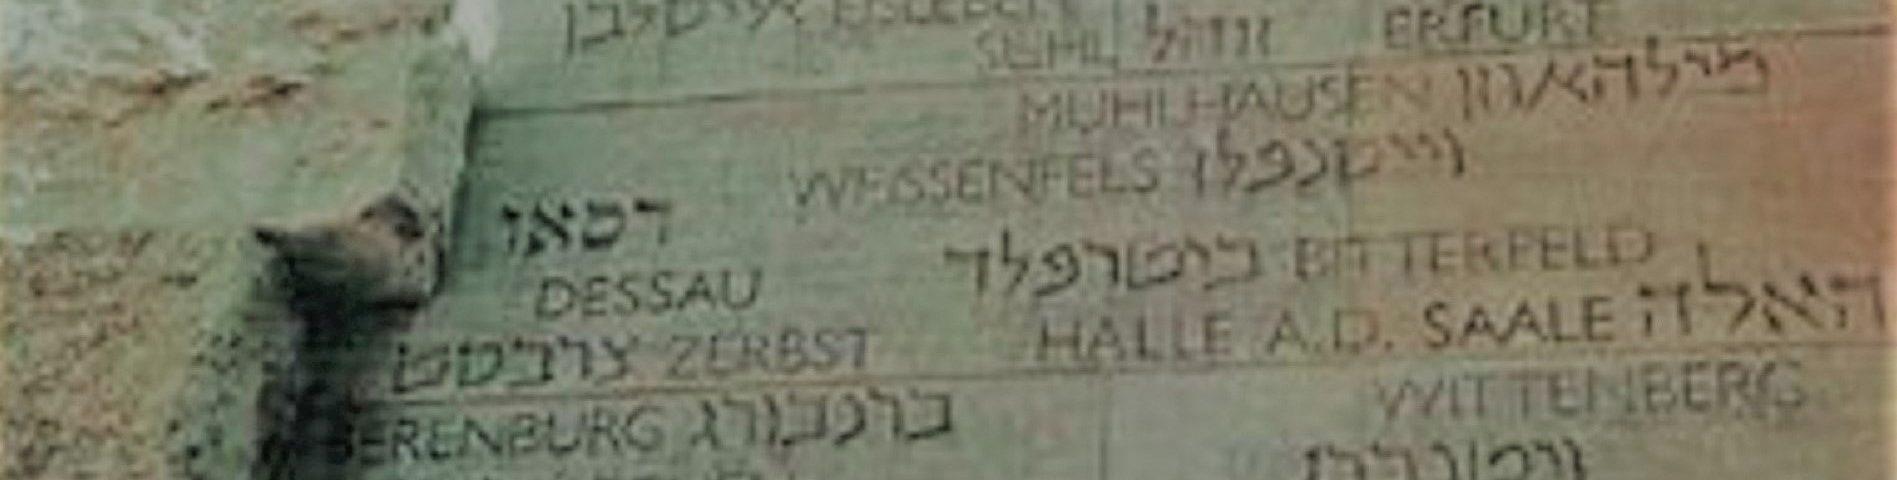 Juden der Lutherstadt Wittenberg